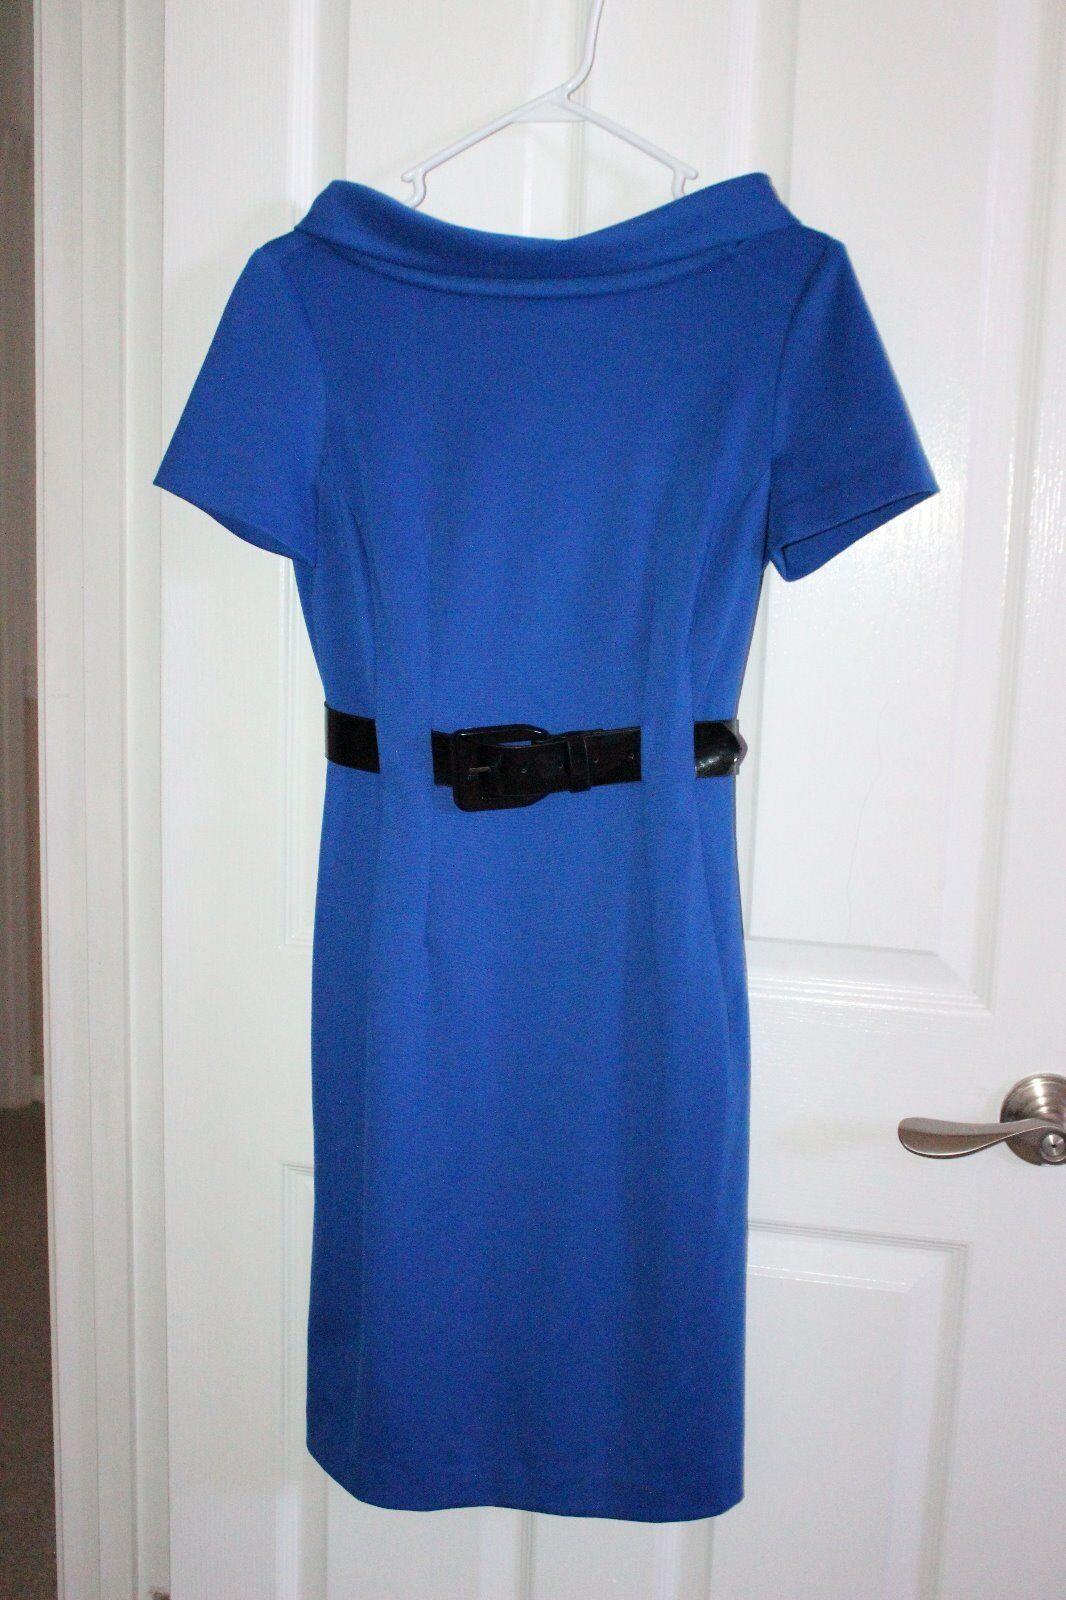 women Morgan bluee bluee bluee Belted Classy Dress Kennedy Style - Size 4 (worn once only) 54f966